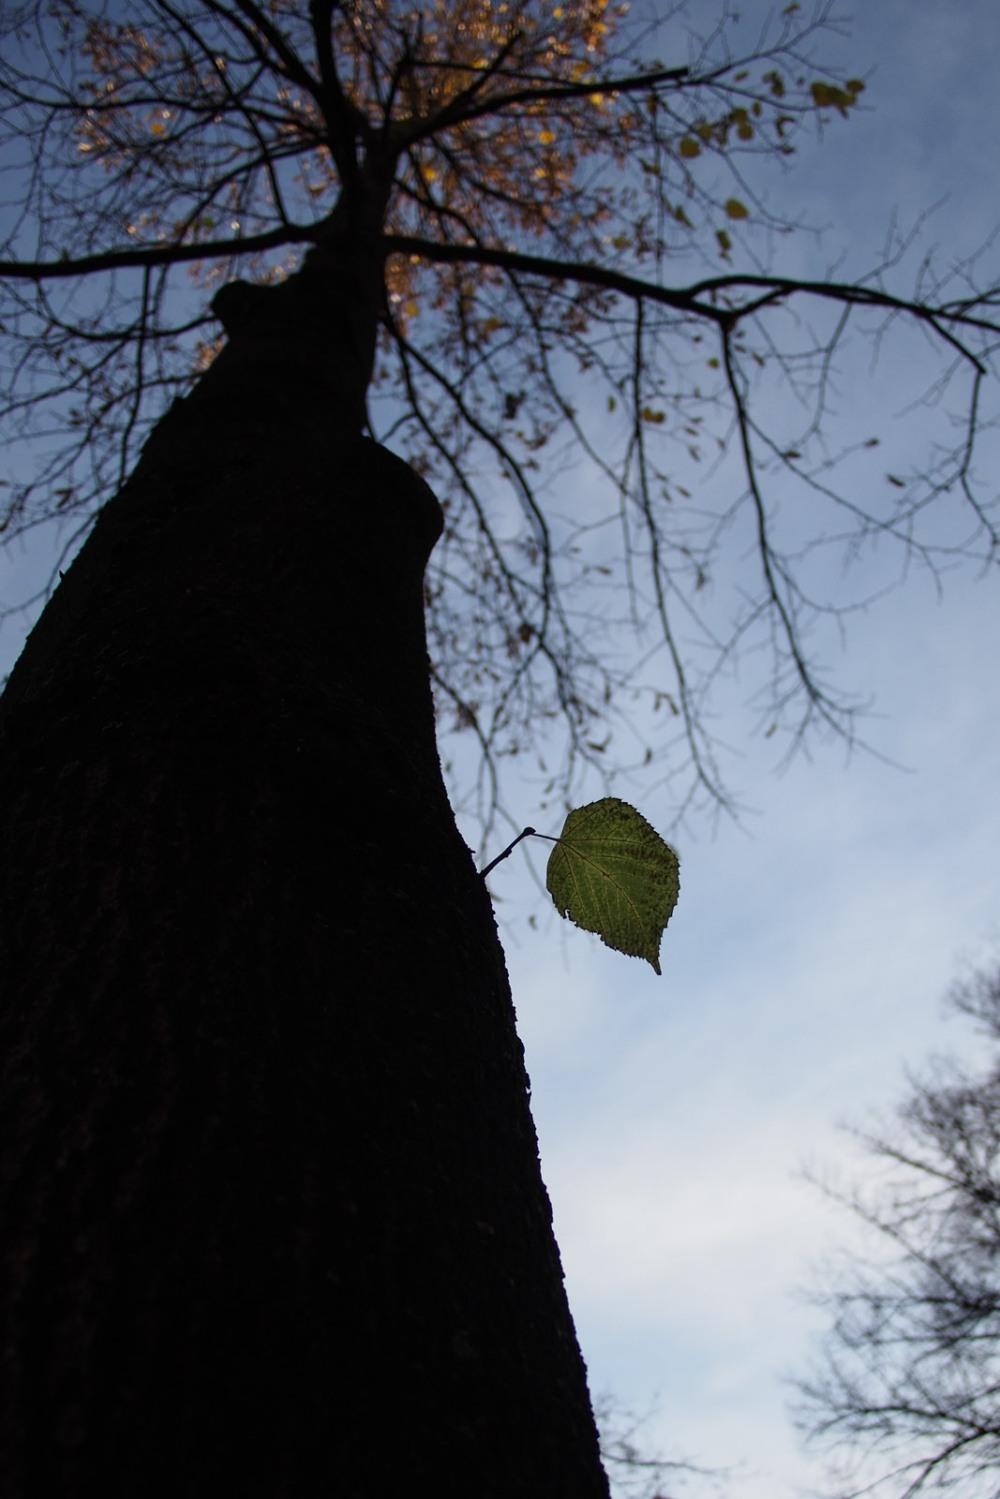 a leaf falls (not)